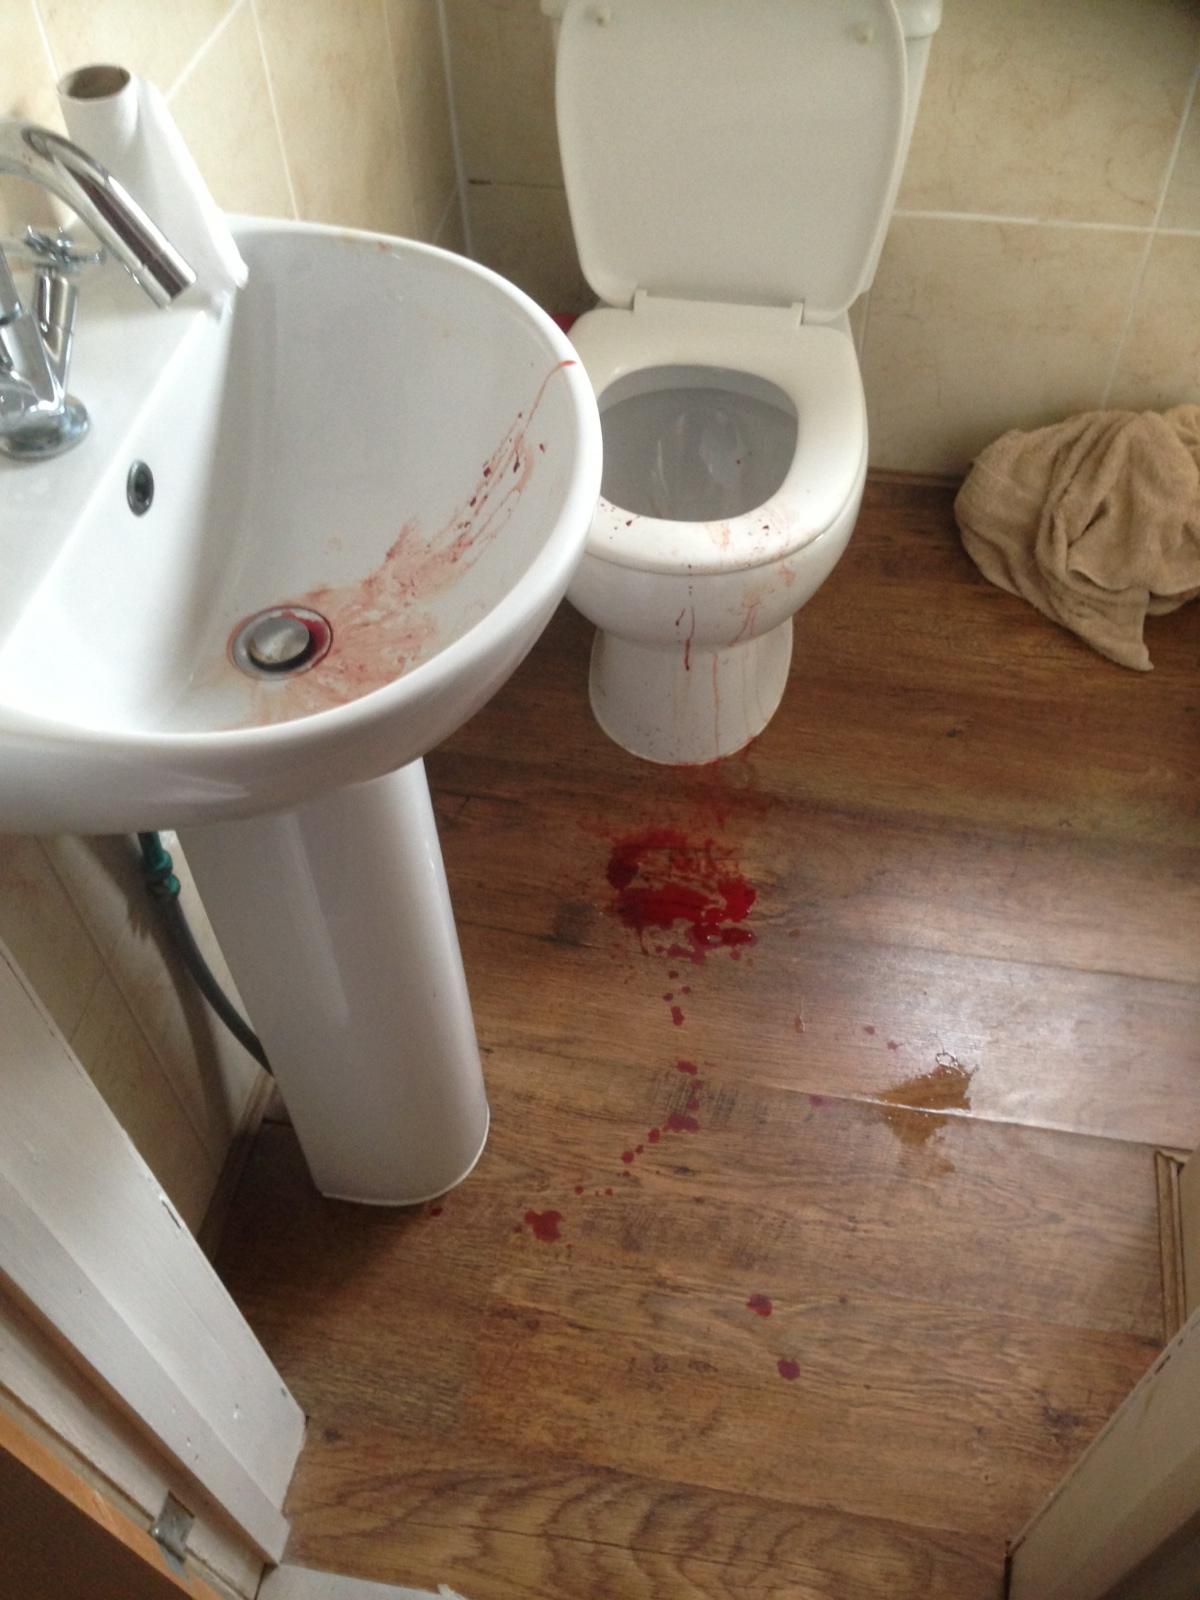 Leak under bathroom sink